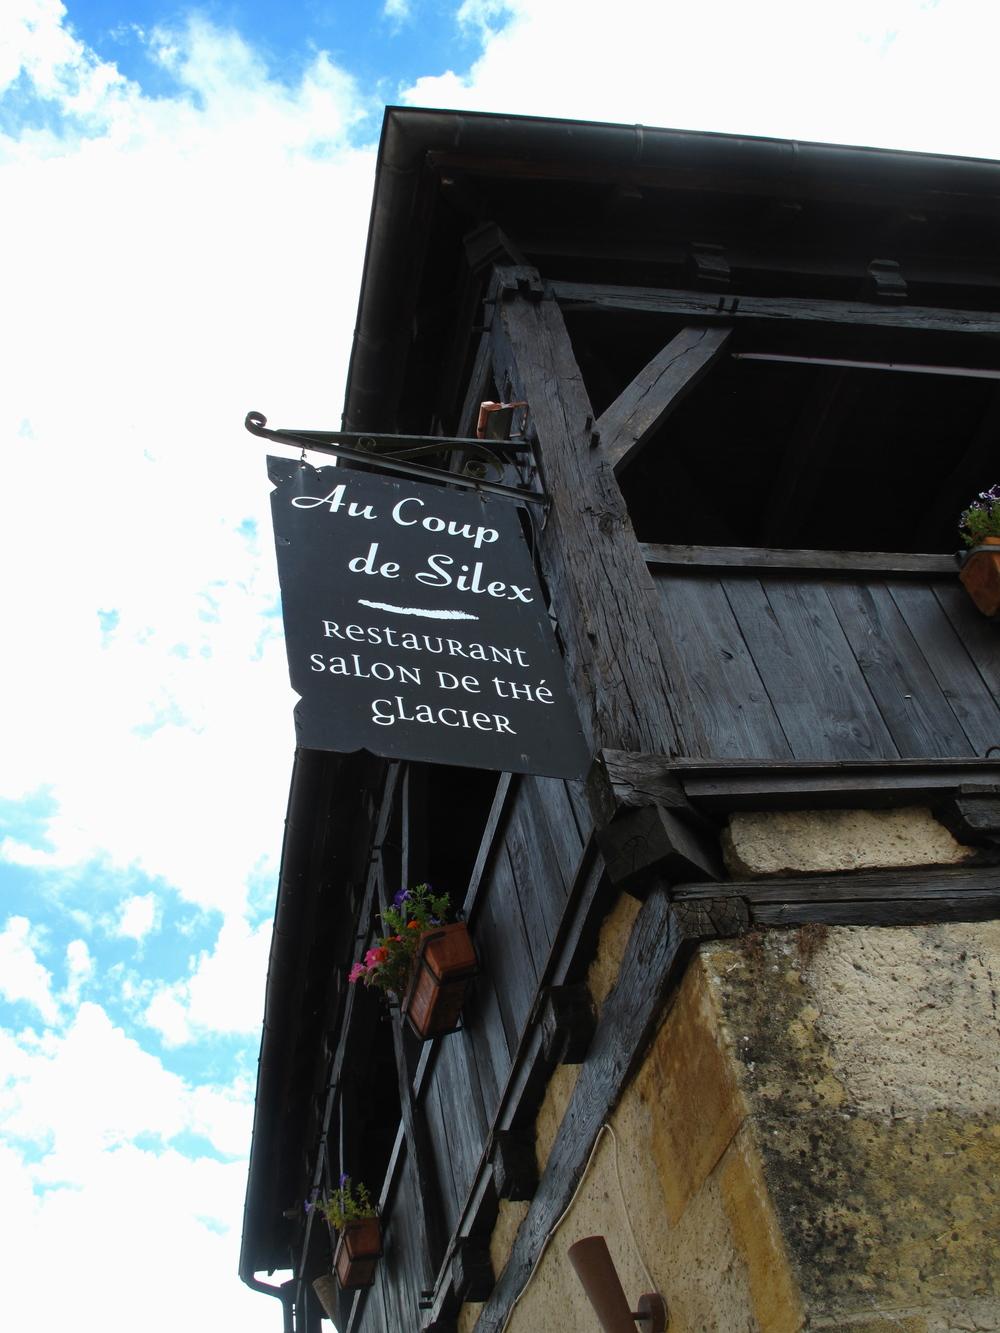 Au Coup de Silex restaurant in Les Eyzies de Tayac.